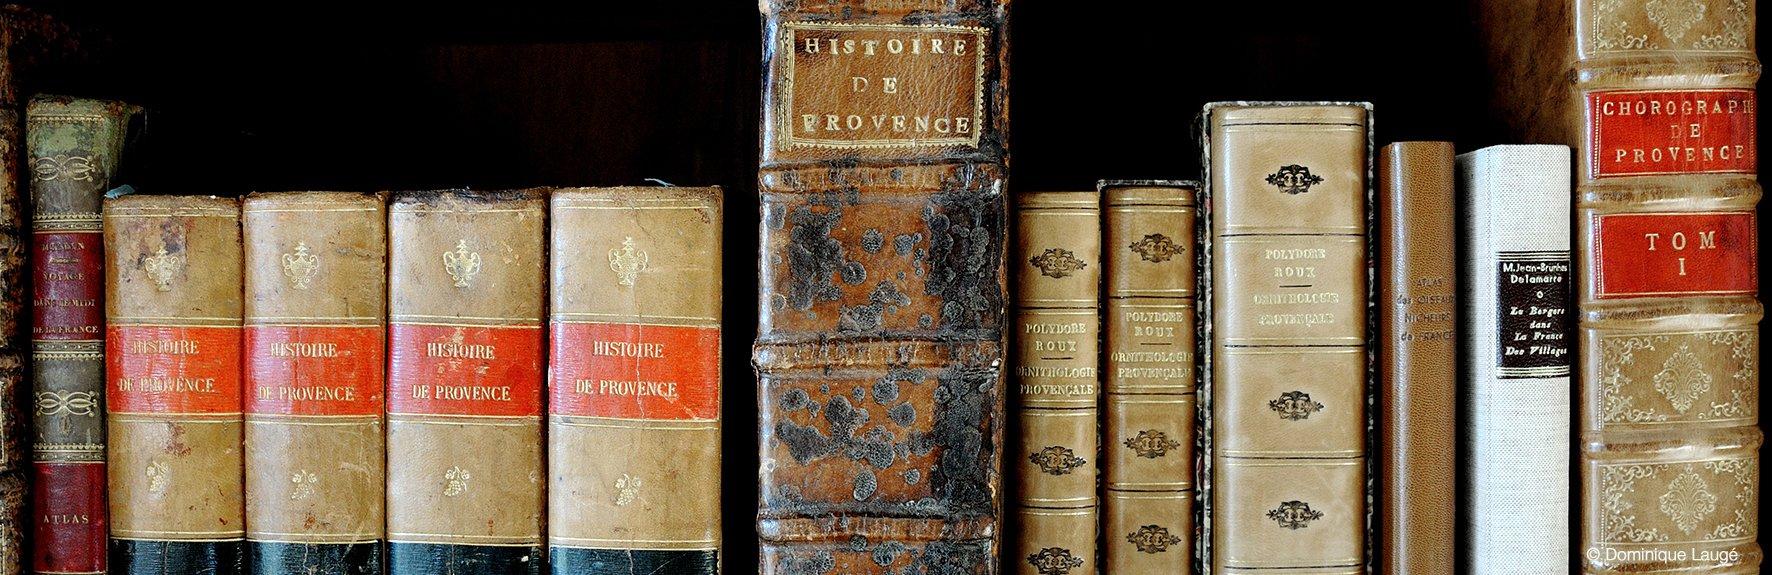 Histoire de provence D. Laugé